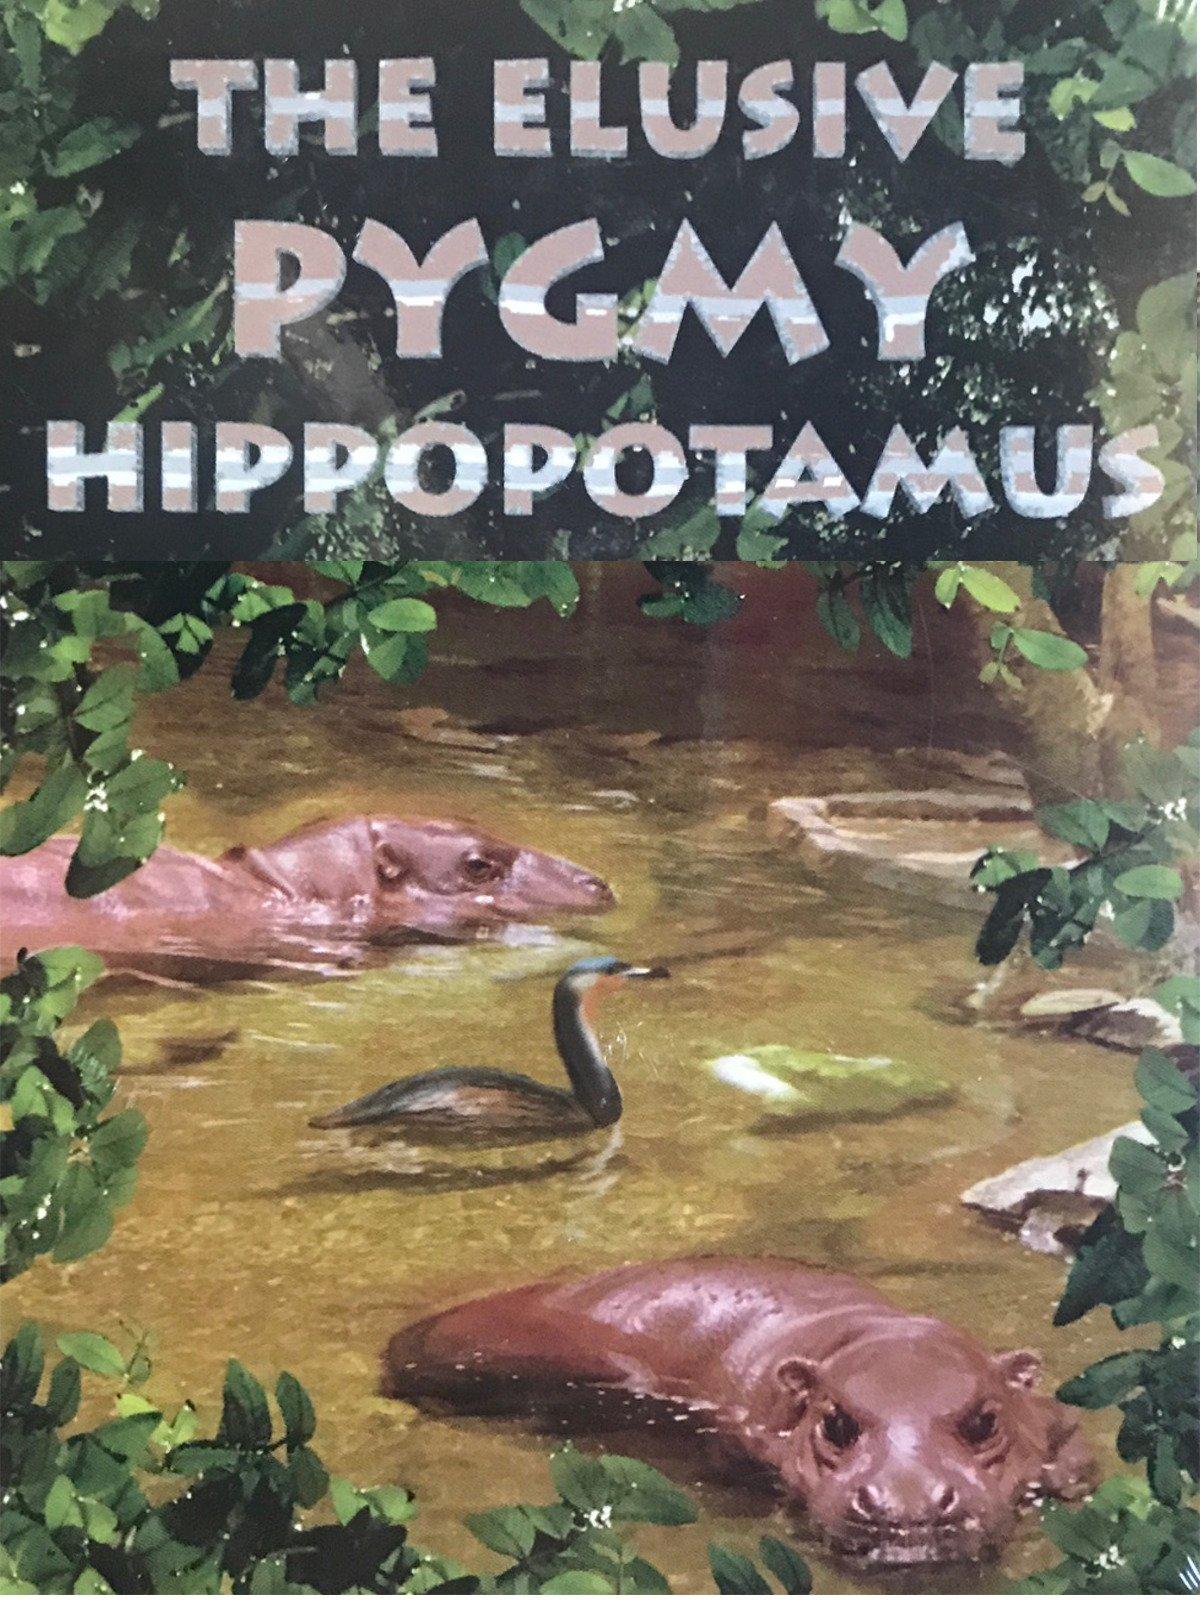 The Elusive Pigmy Hippopotamus